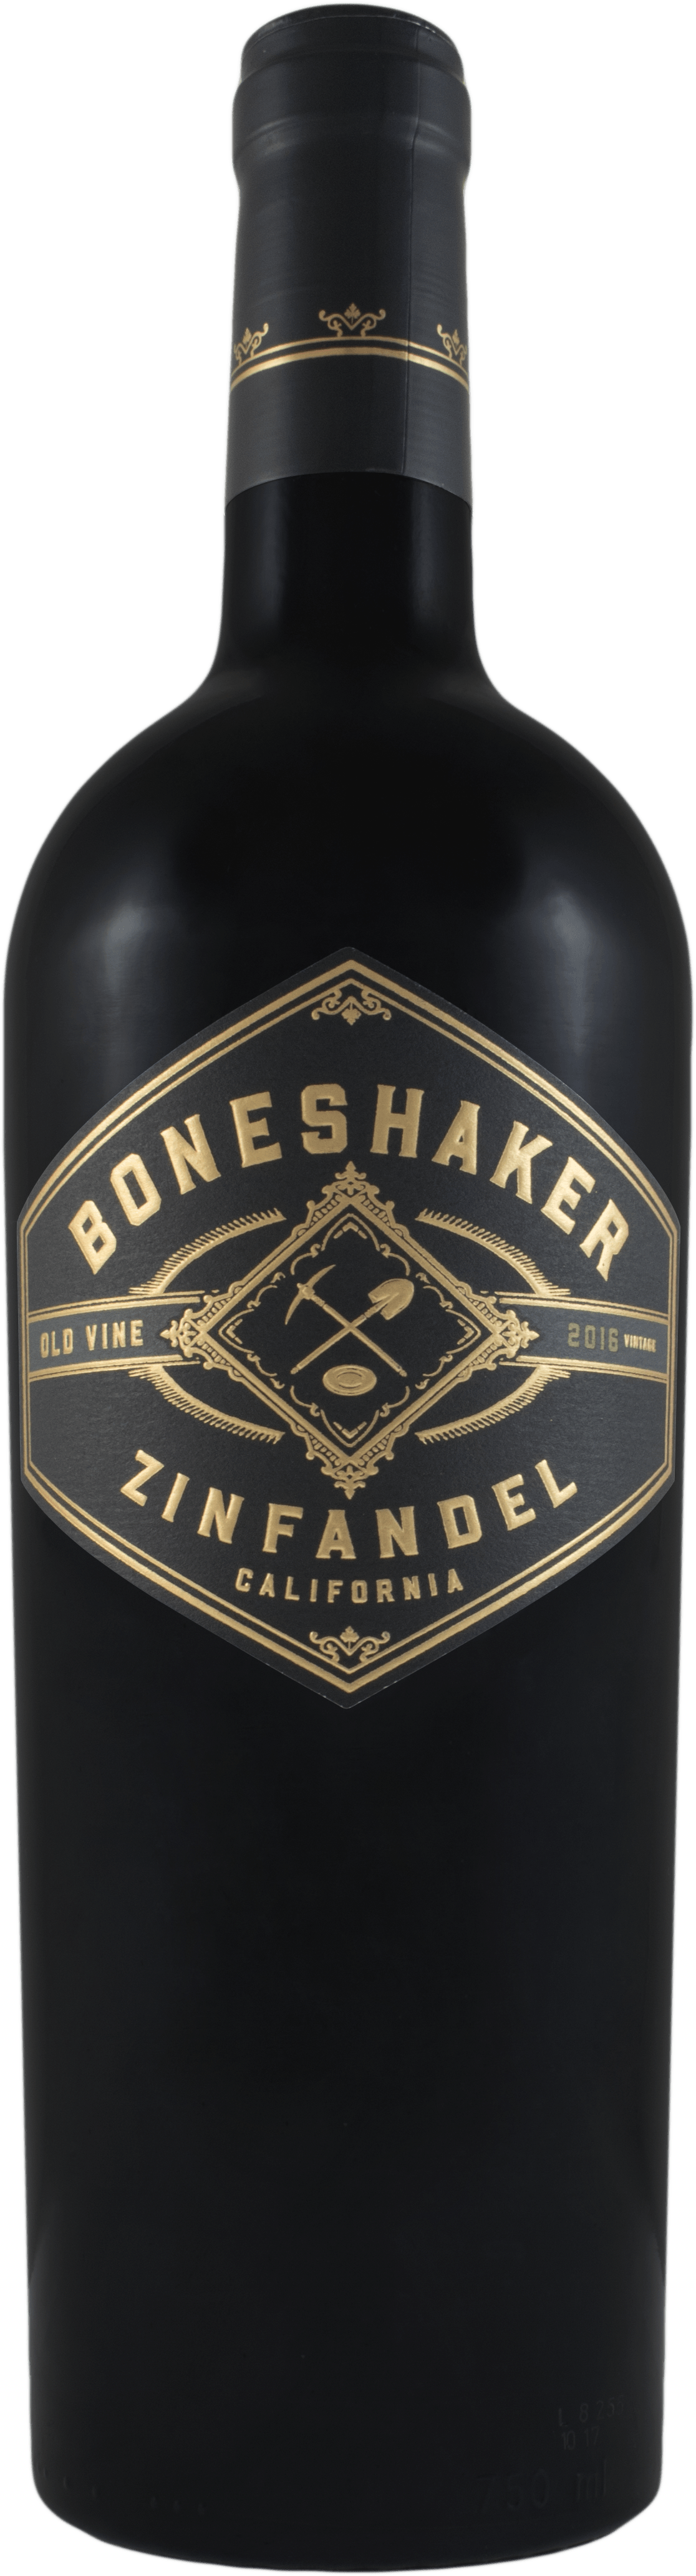 2017 Boneshaker Zinfandel 750ml